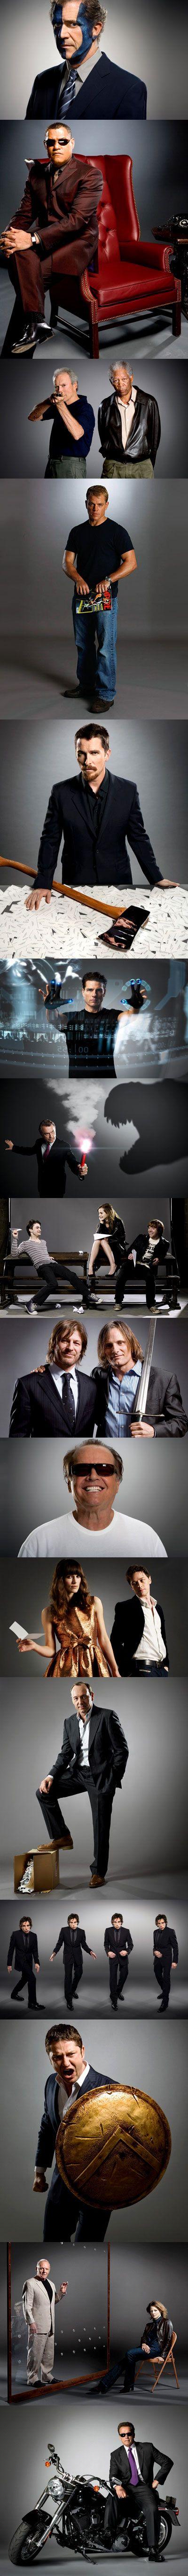 Actors.